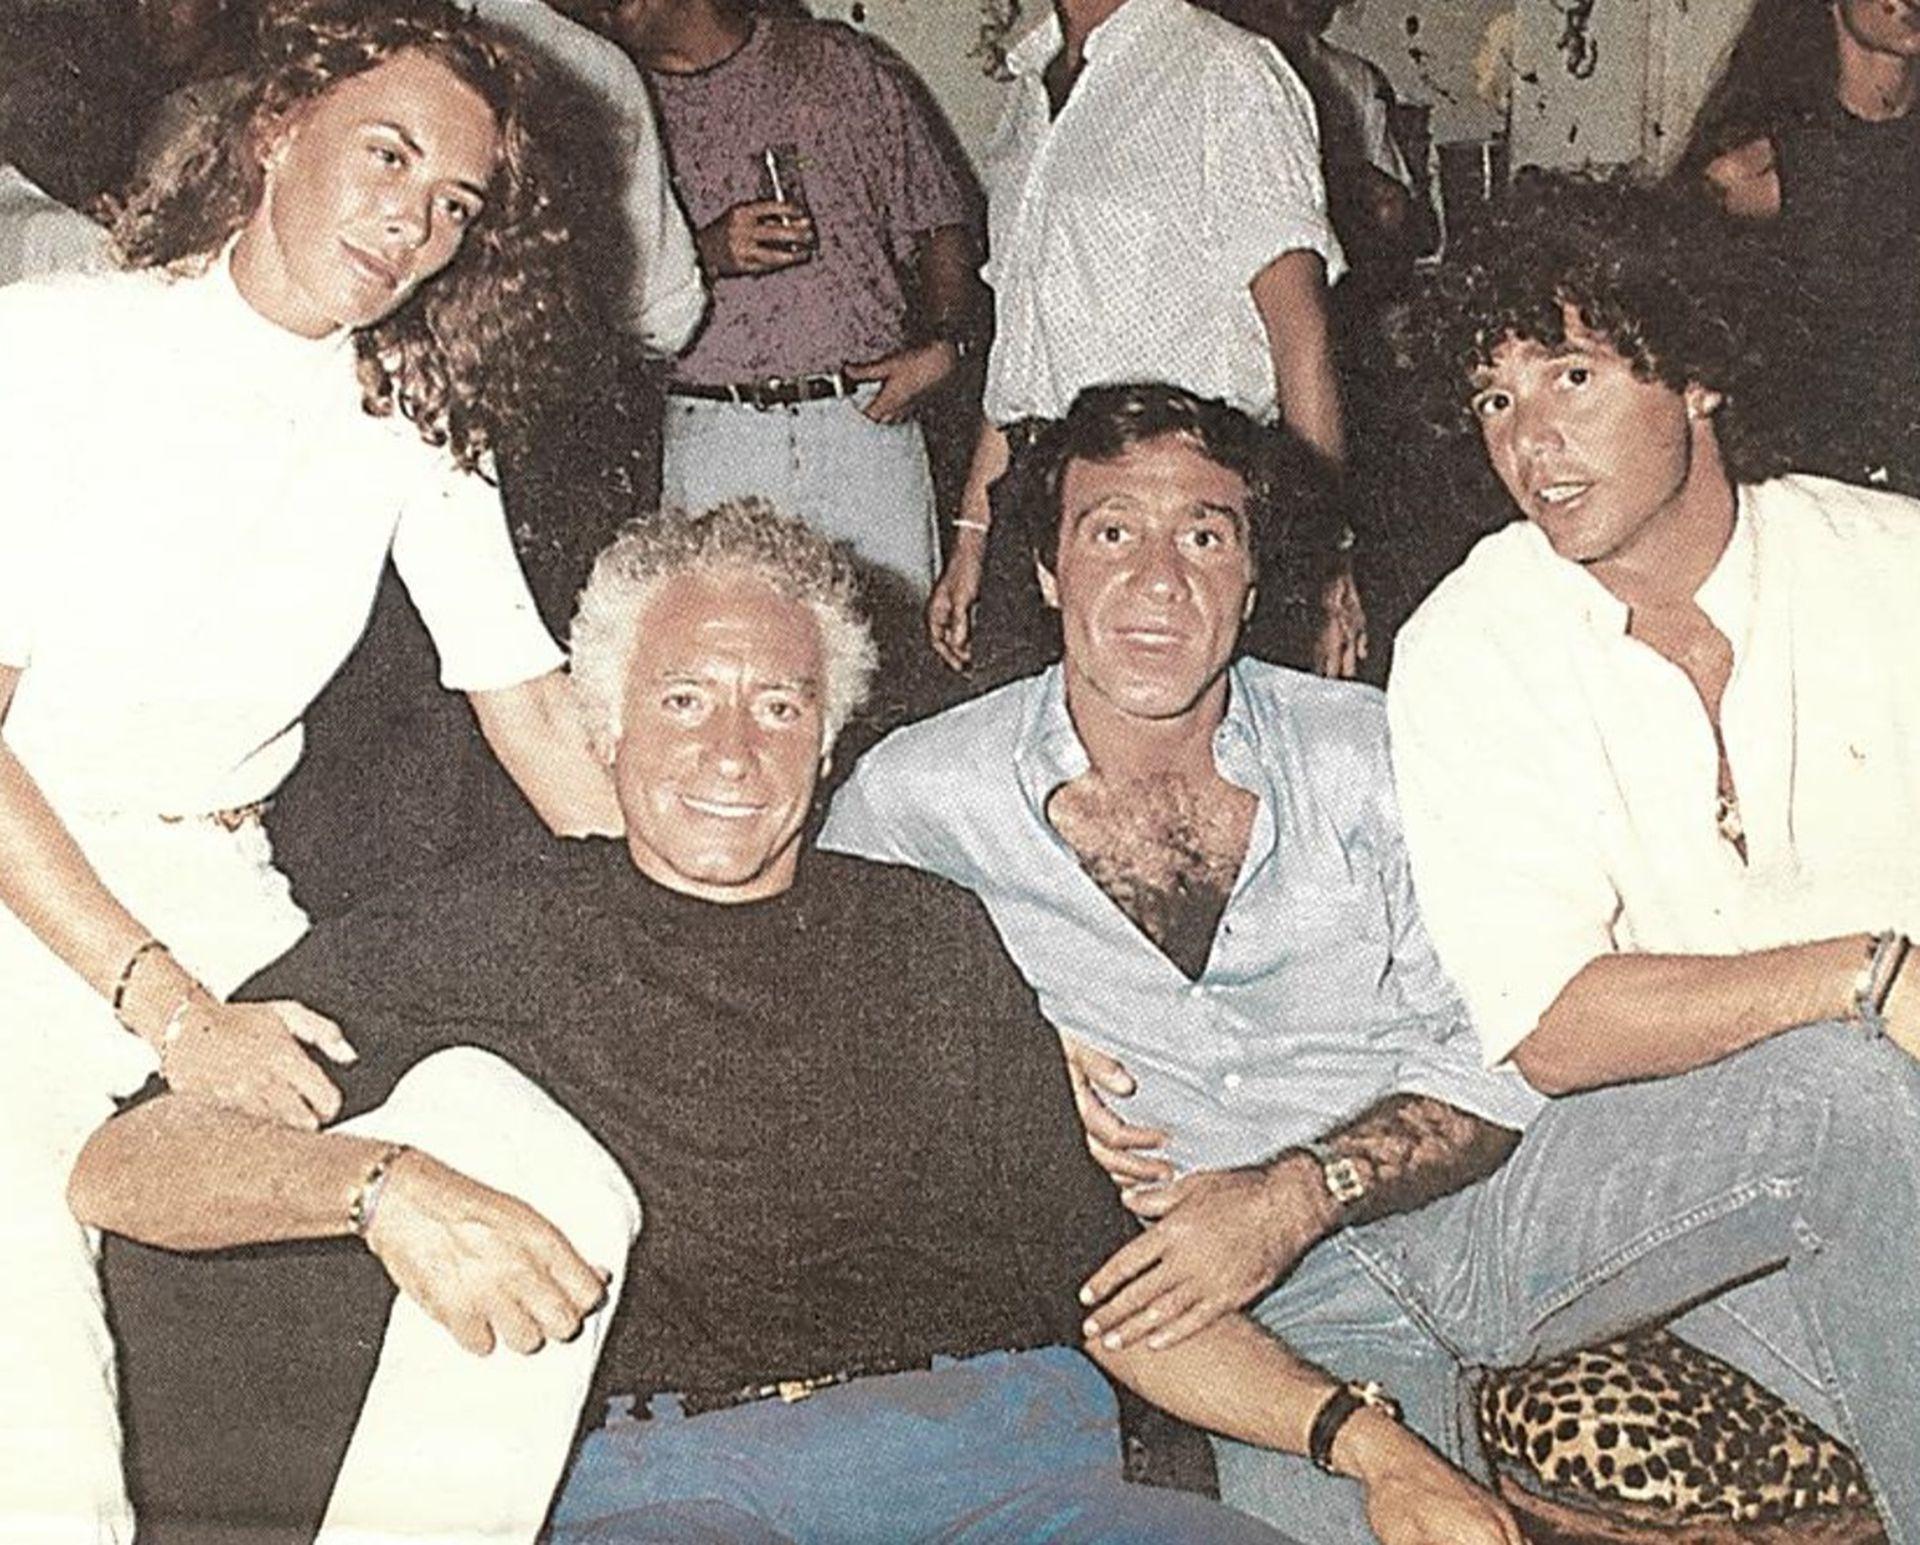 Poli Armentano, flanqueado por Guillermo Cóppola y el exfutbolista Alberto César Tarantini